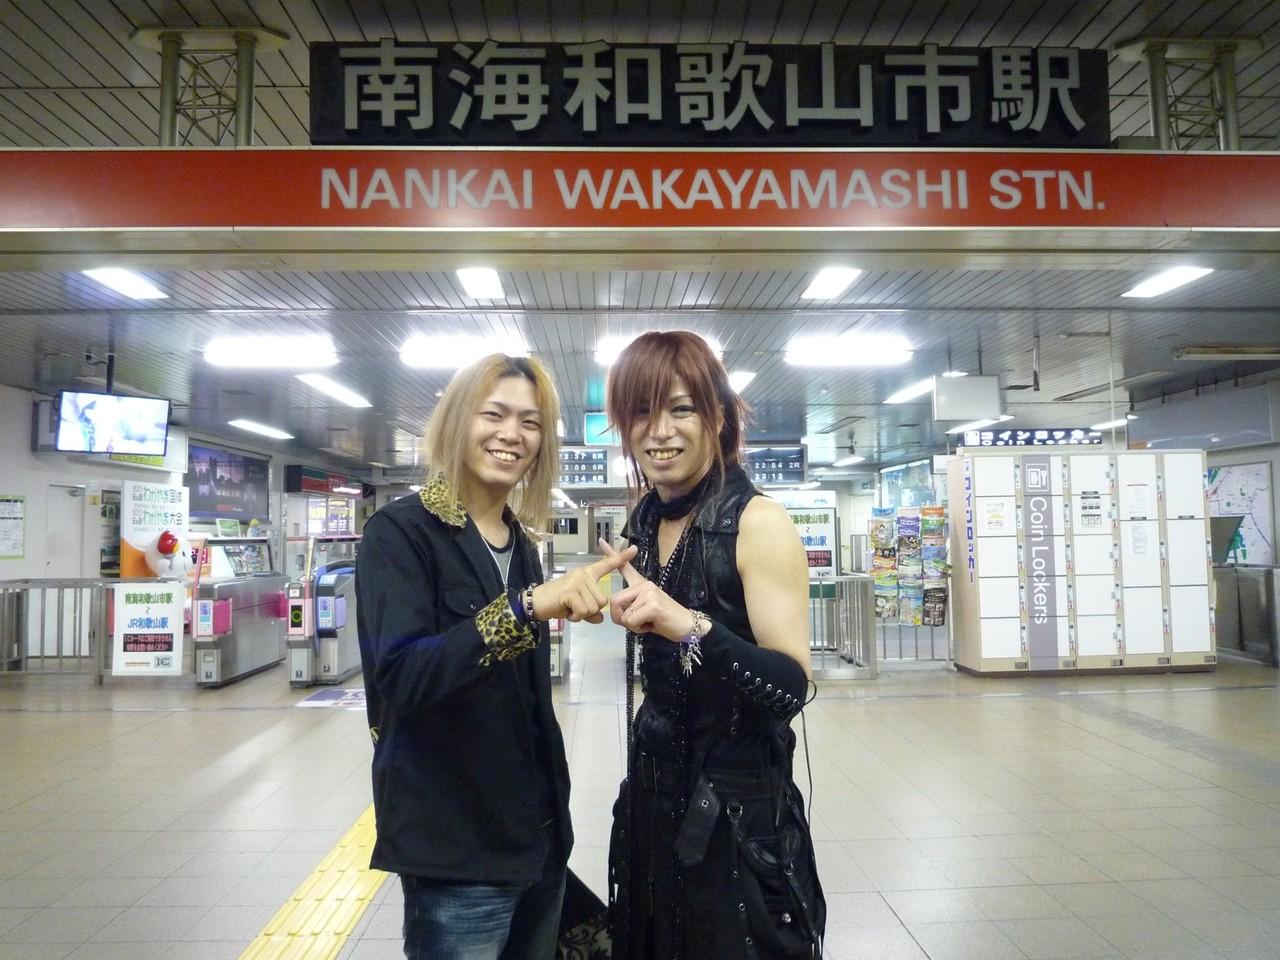 YUSHIさんとチビX! YUSHIさんお見送り…名残惜しい…広島から遠い所、本当にありがとうございました!